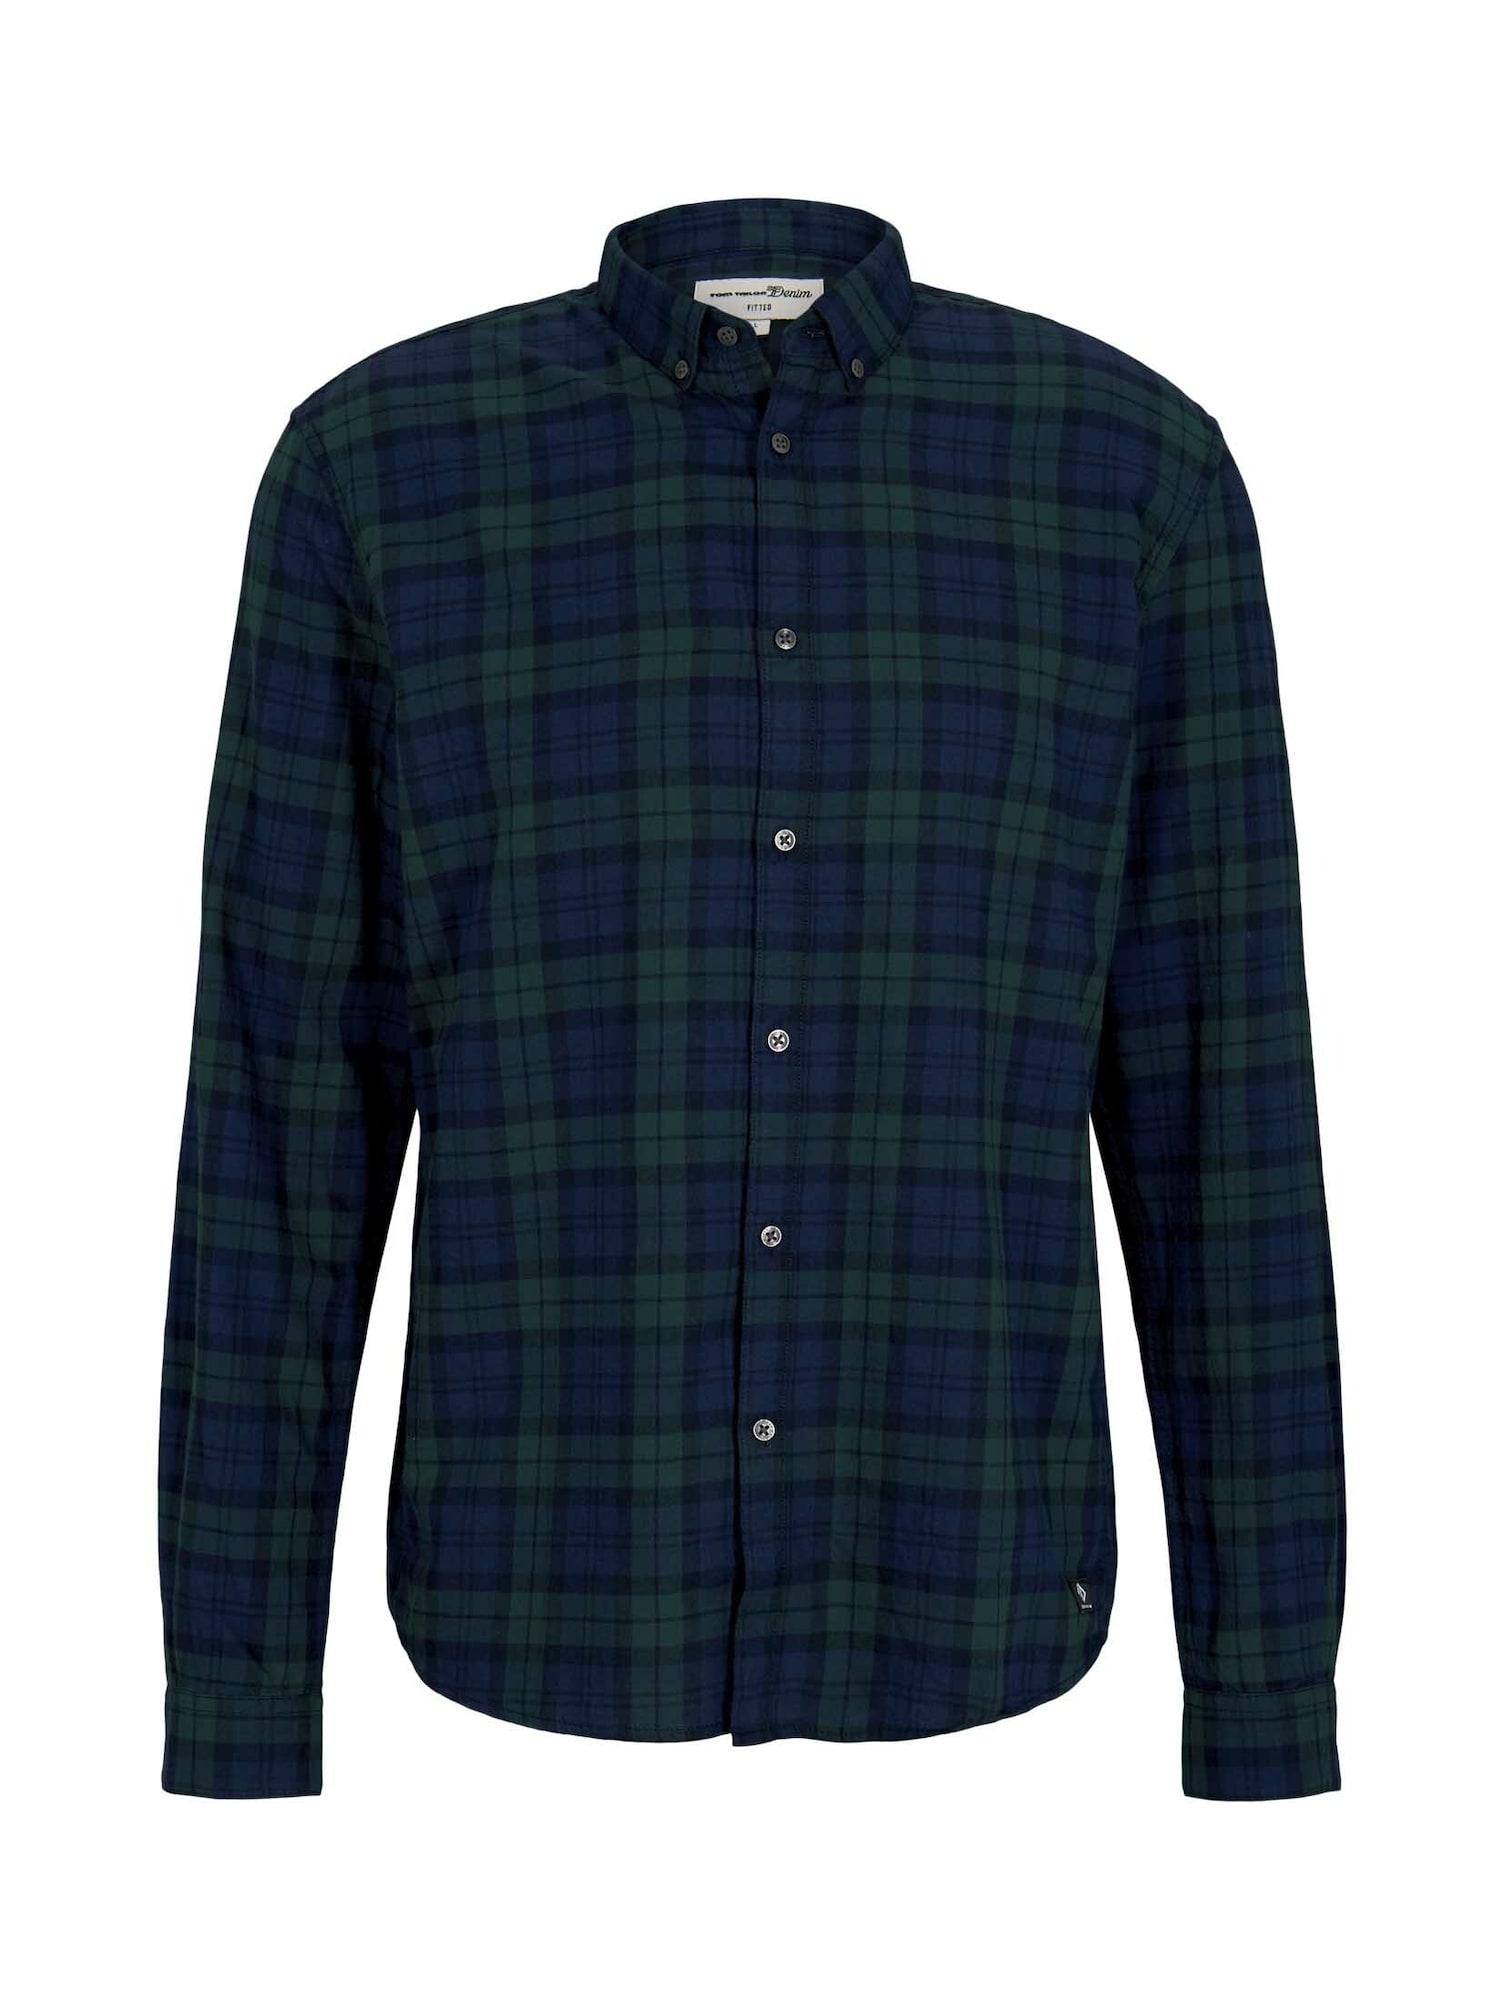 TOM TAILOR DENIM Košile  tmavě modrá / tmavě zelená